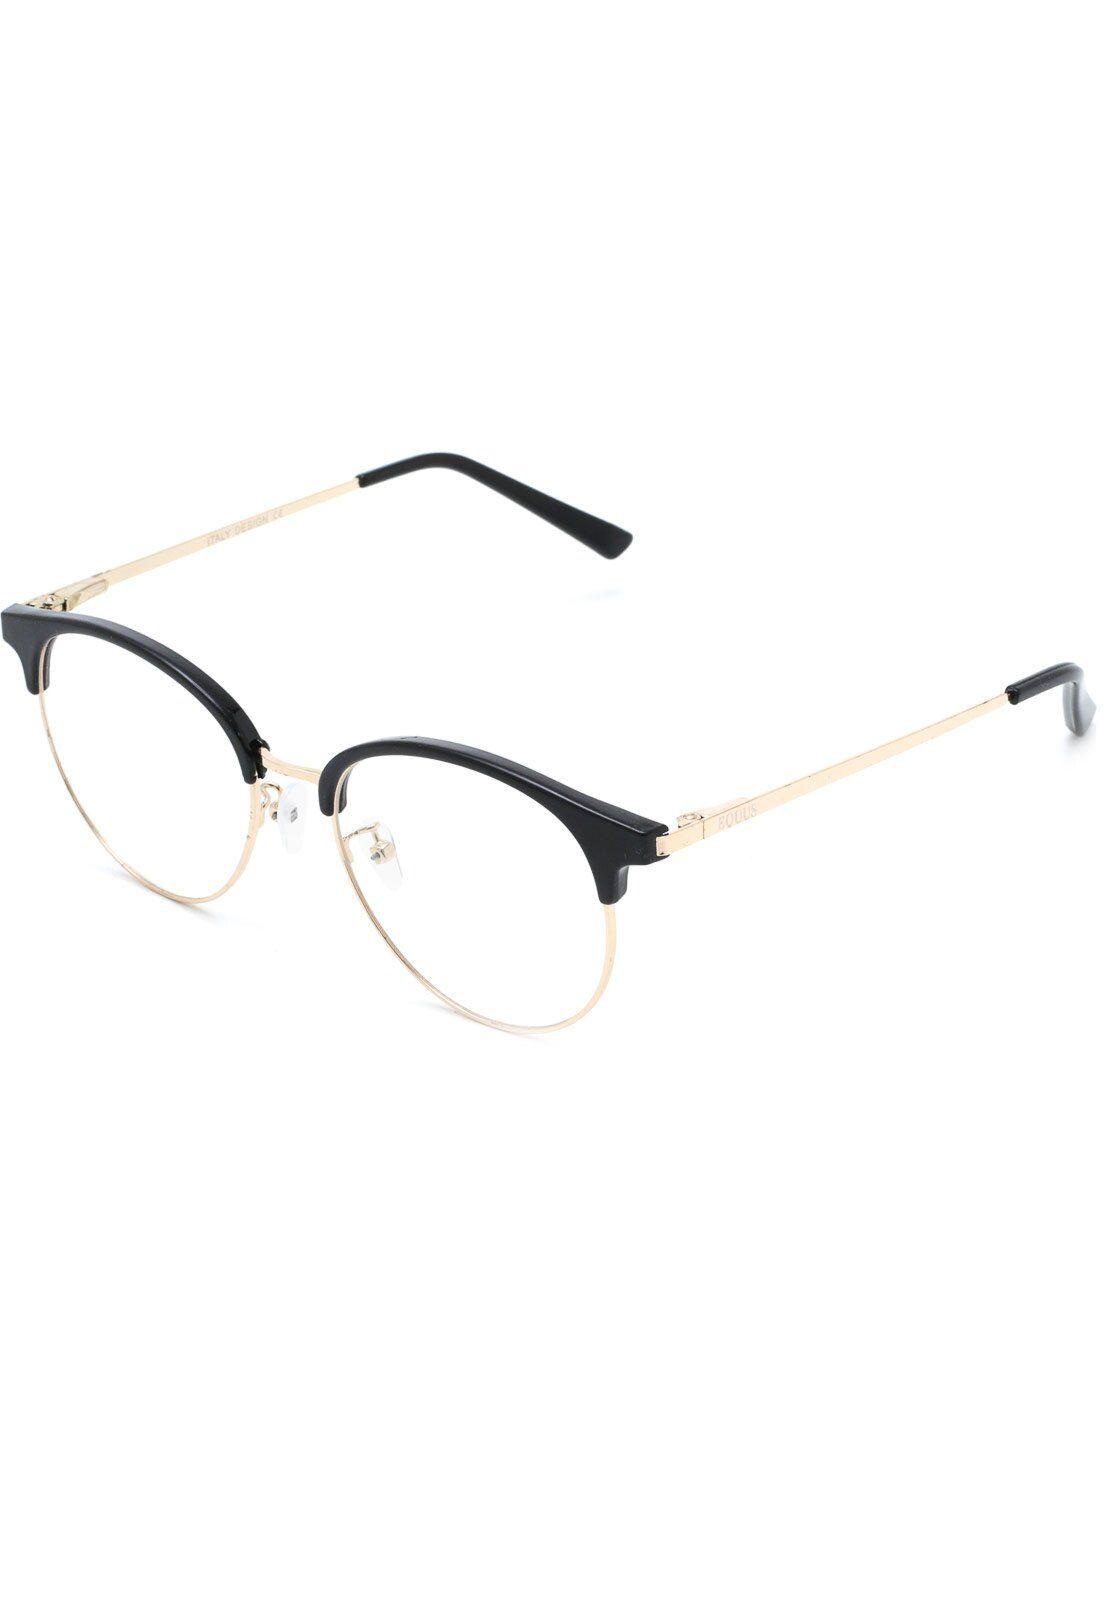 Oculos De Grau Equus Redondo Preto Dourado Em 2020 Oculos De